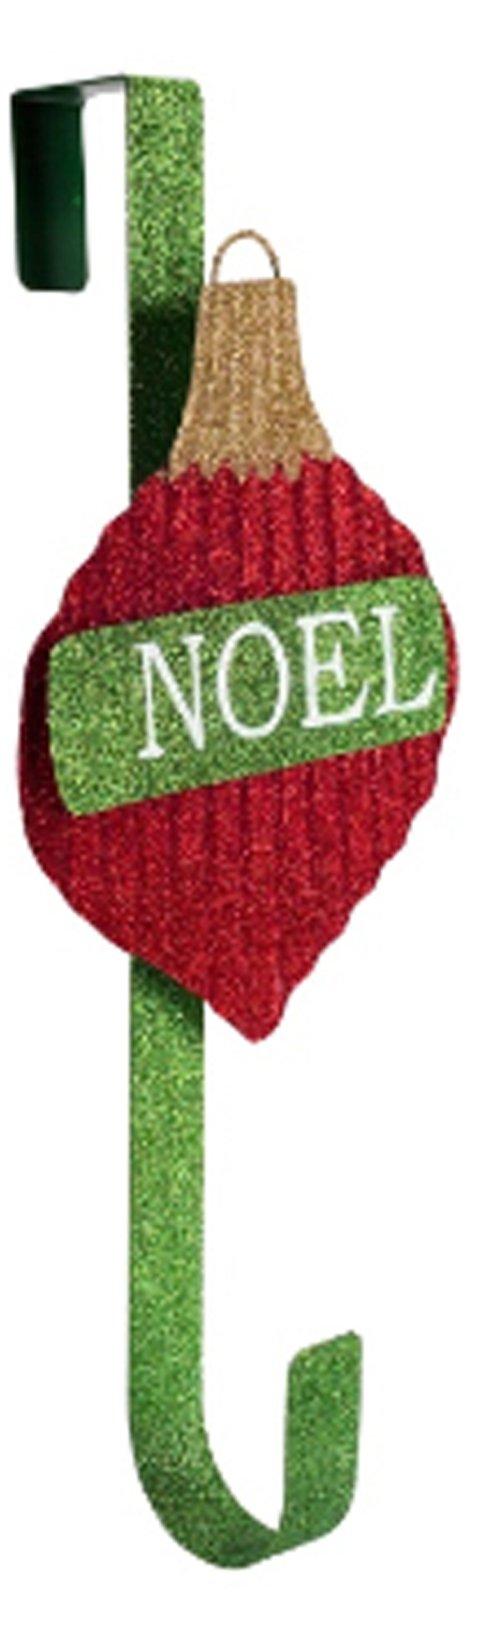 Melrose Decorative Metal Over The Door Wreath Hanger - Noel Ornament